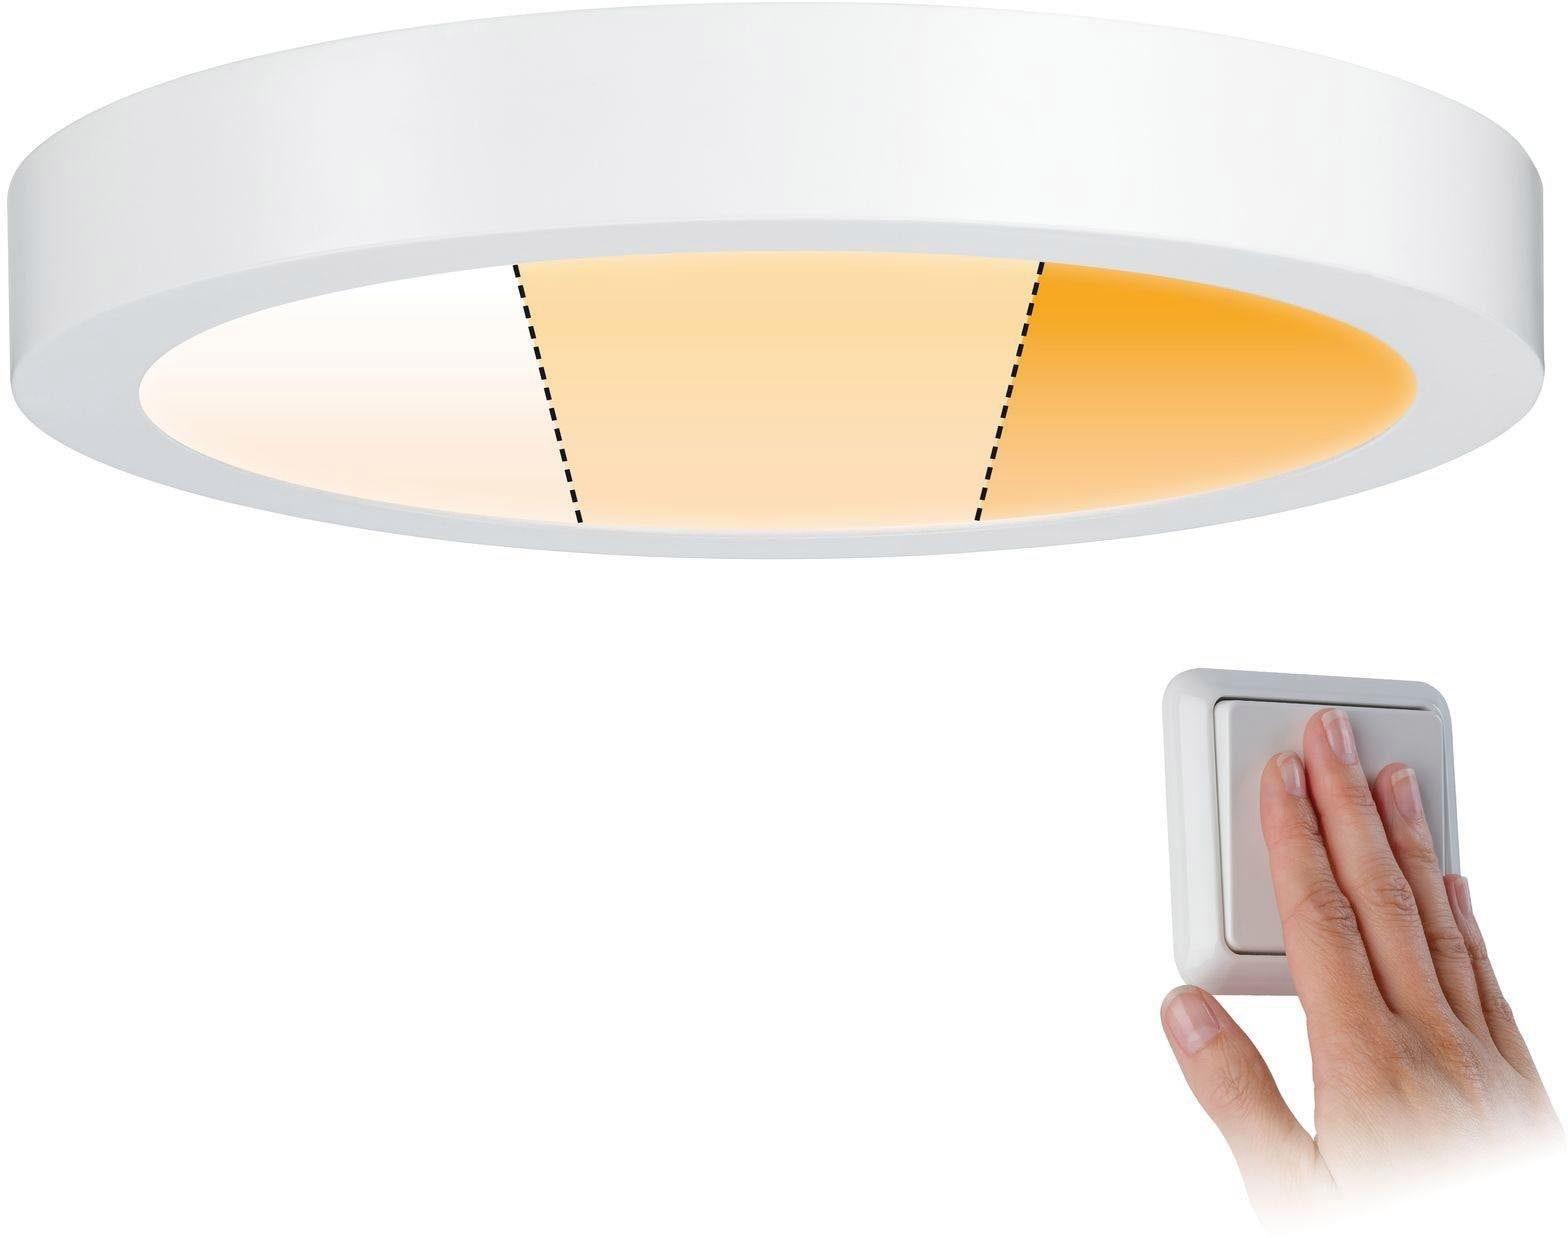 Paulmann LED Panel Carpo Warmdimmfunktion weiß matt 16W Metall, Warmweiß-Extra-Warmweiß, LED Deckenleuchte, LED Deckenlampe